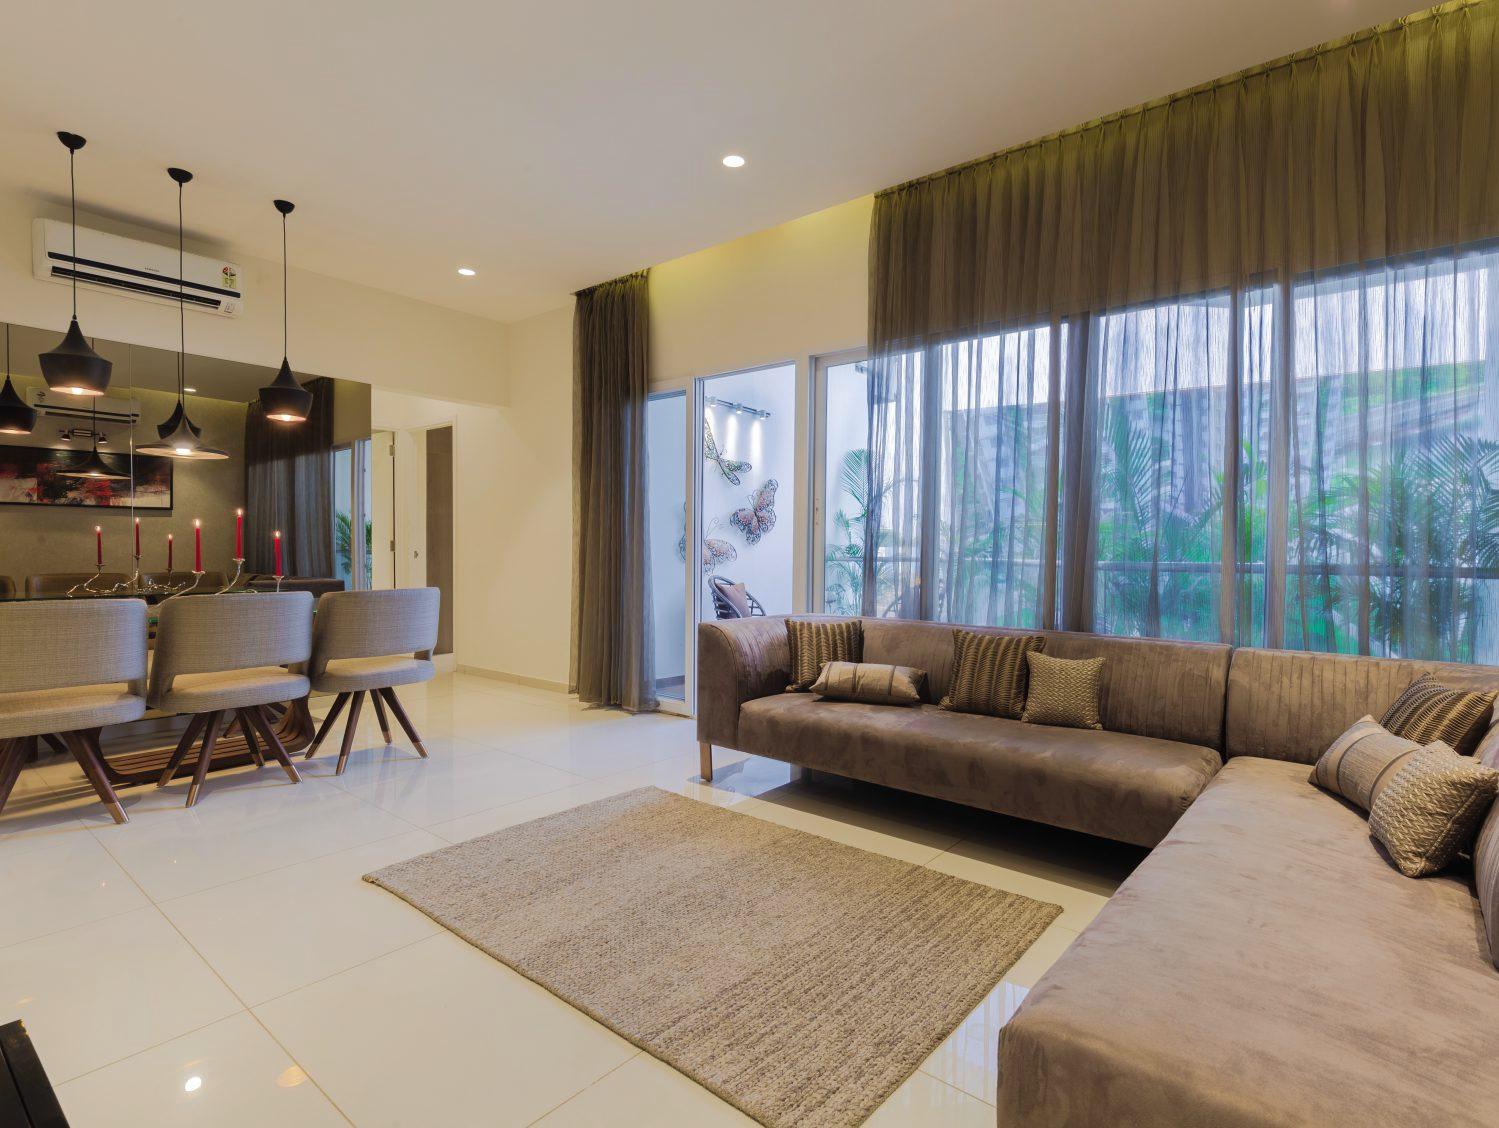 apartment-interiors-Picture-naiknavare-avon-vista-balewadi-3192975